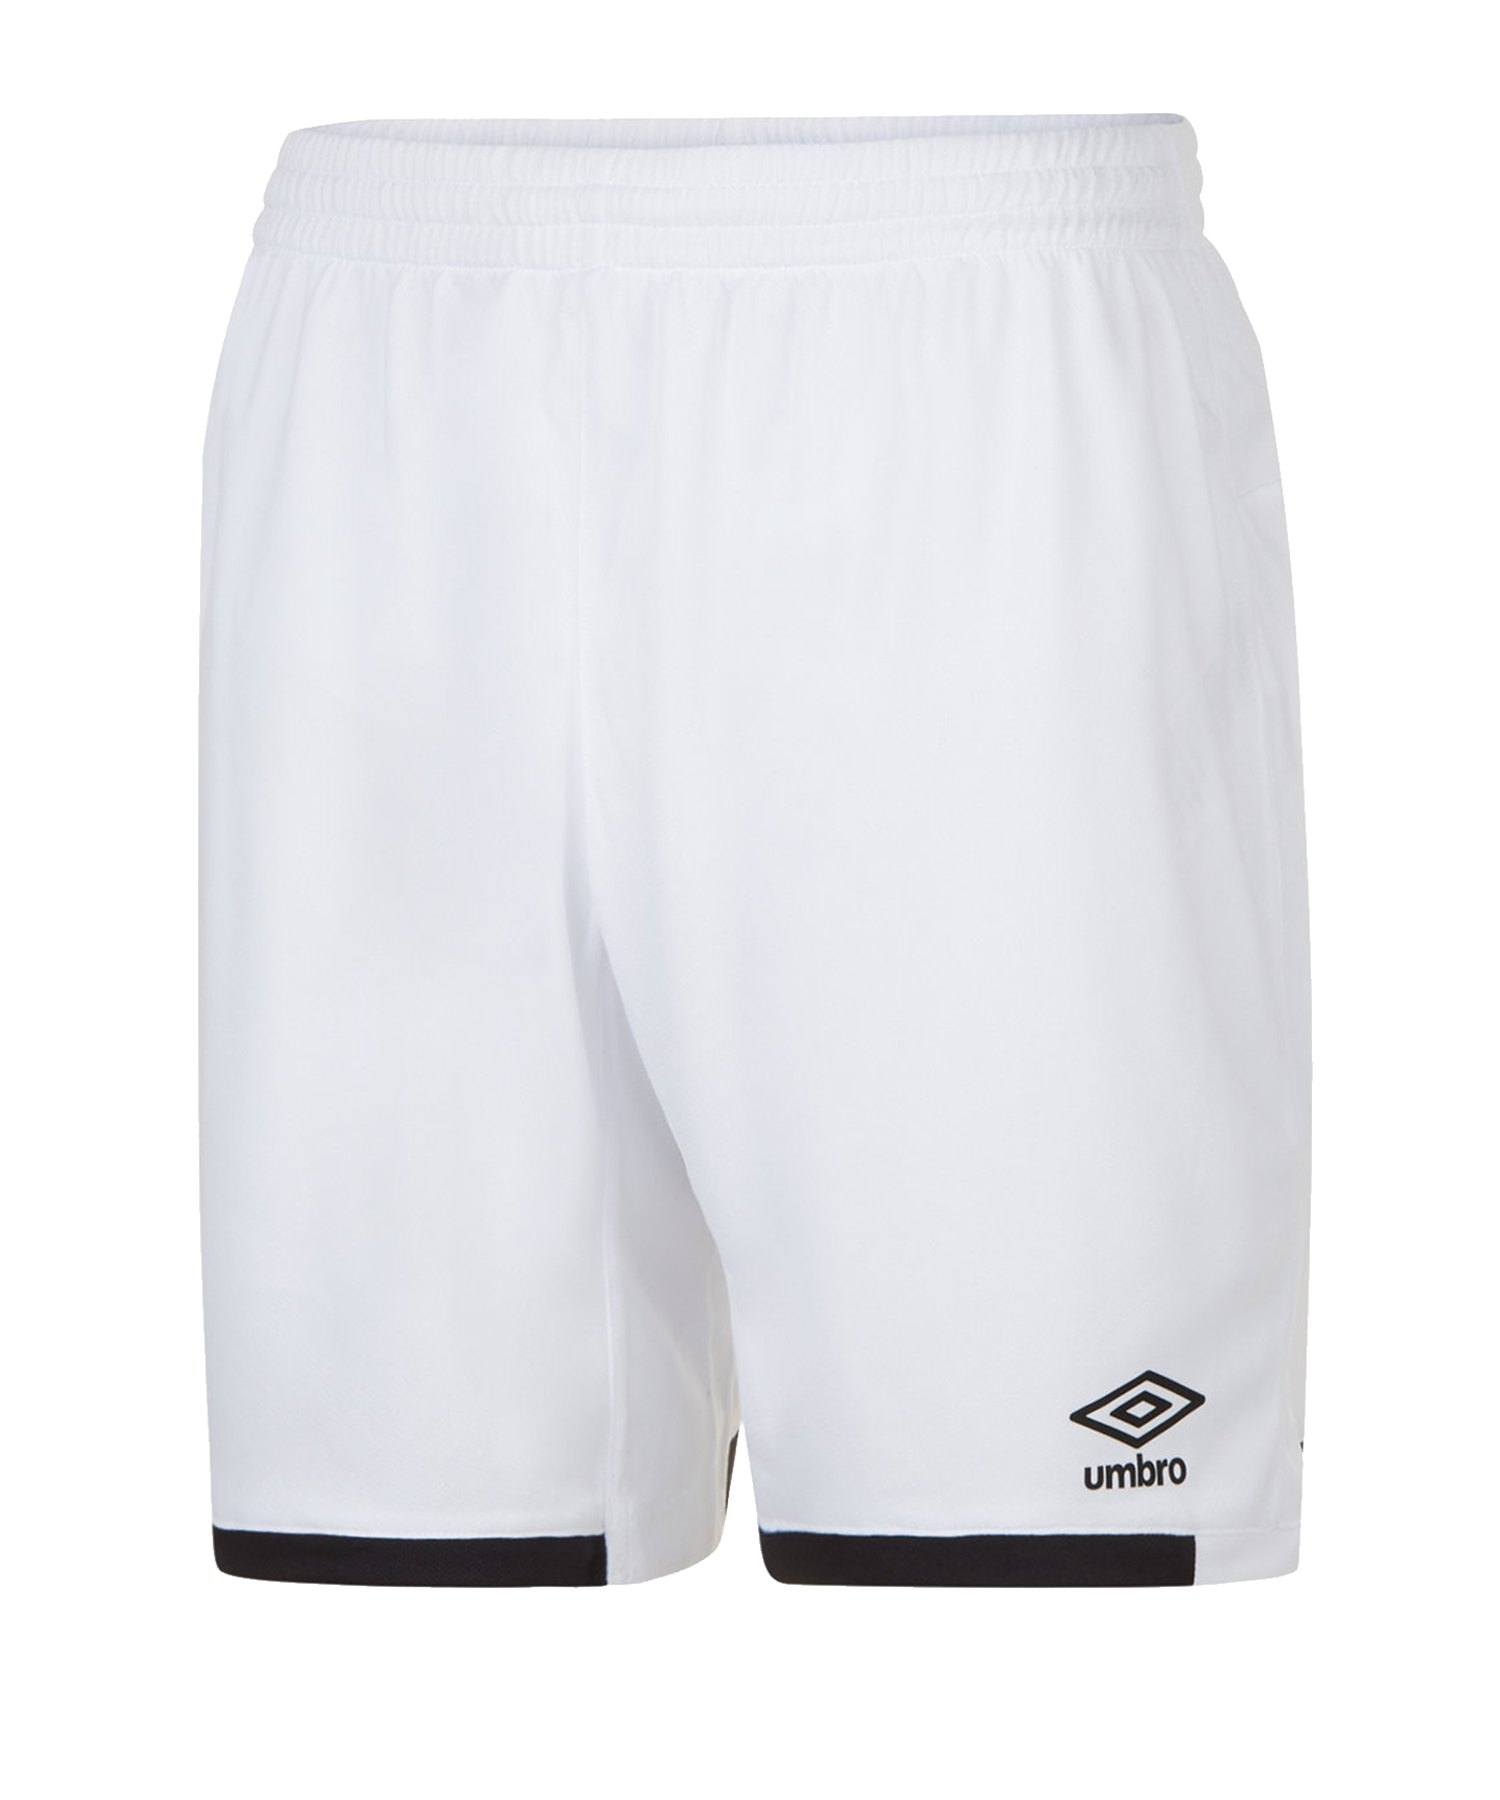 Umbro Premier Short Hose kurz Weiss F096 - Weiss